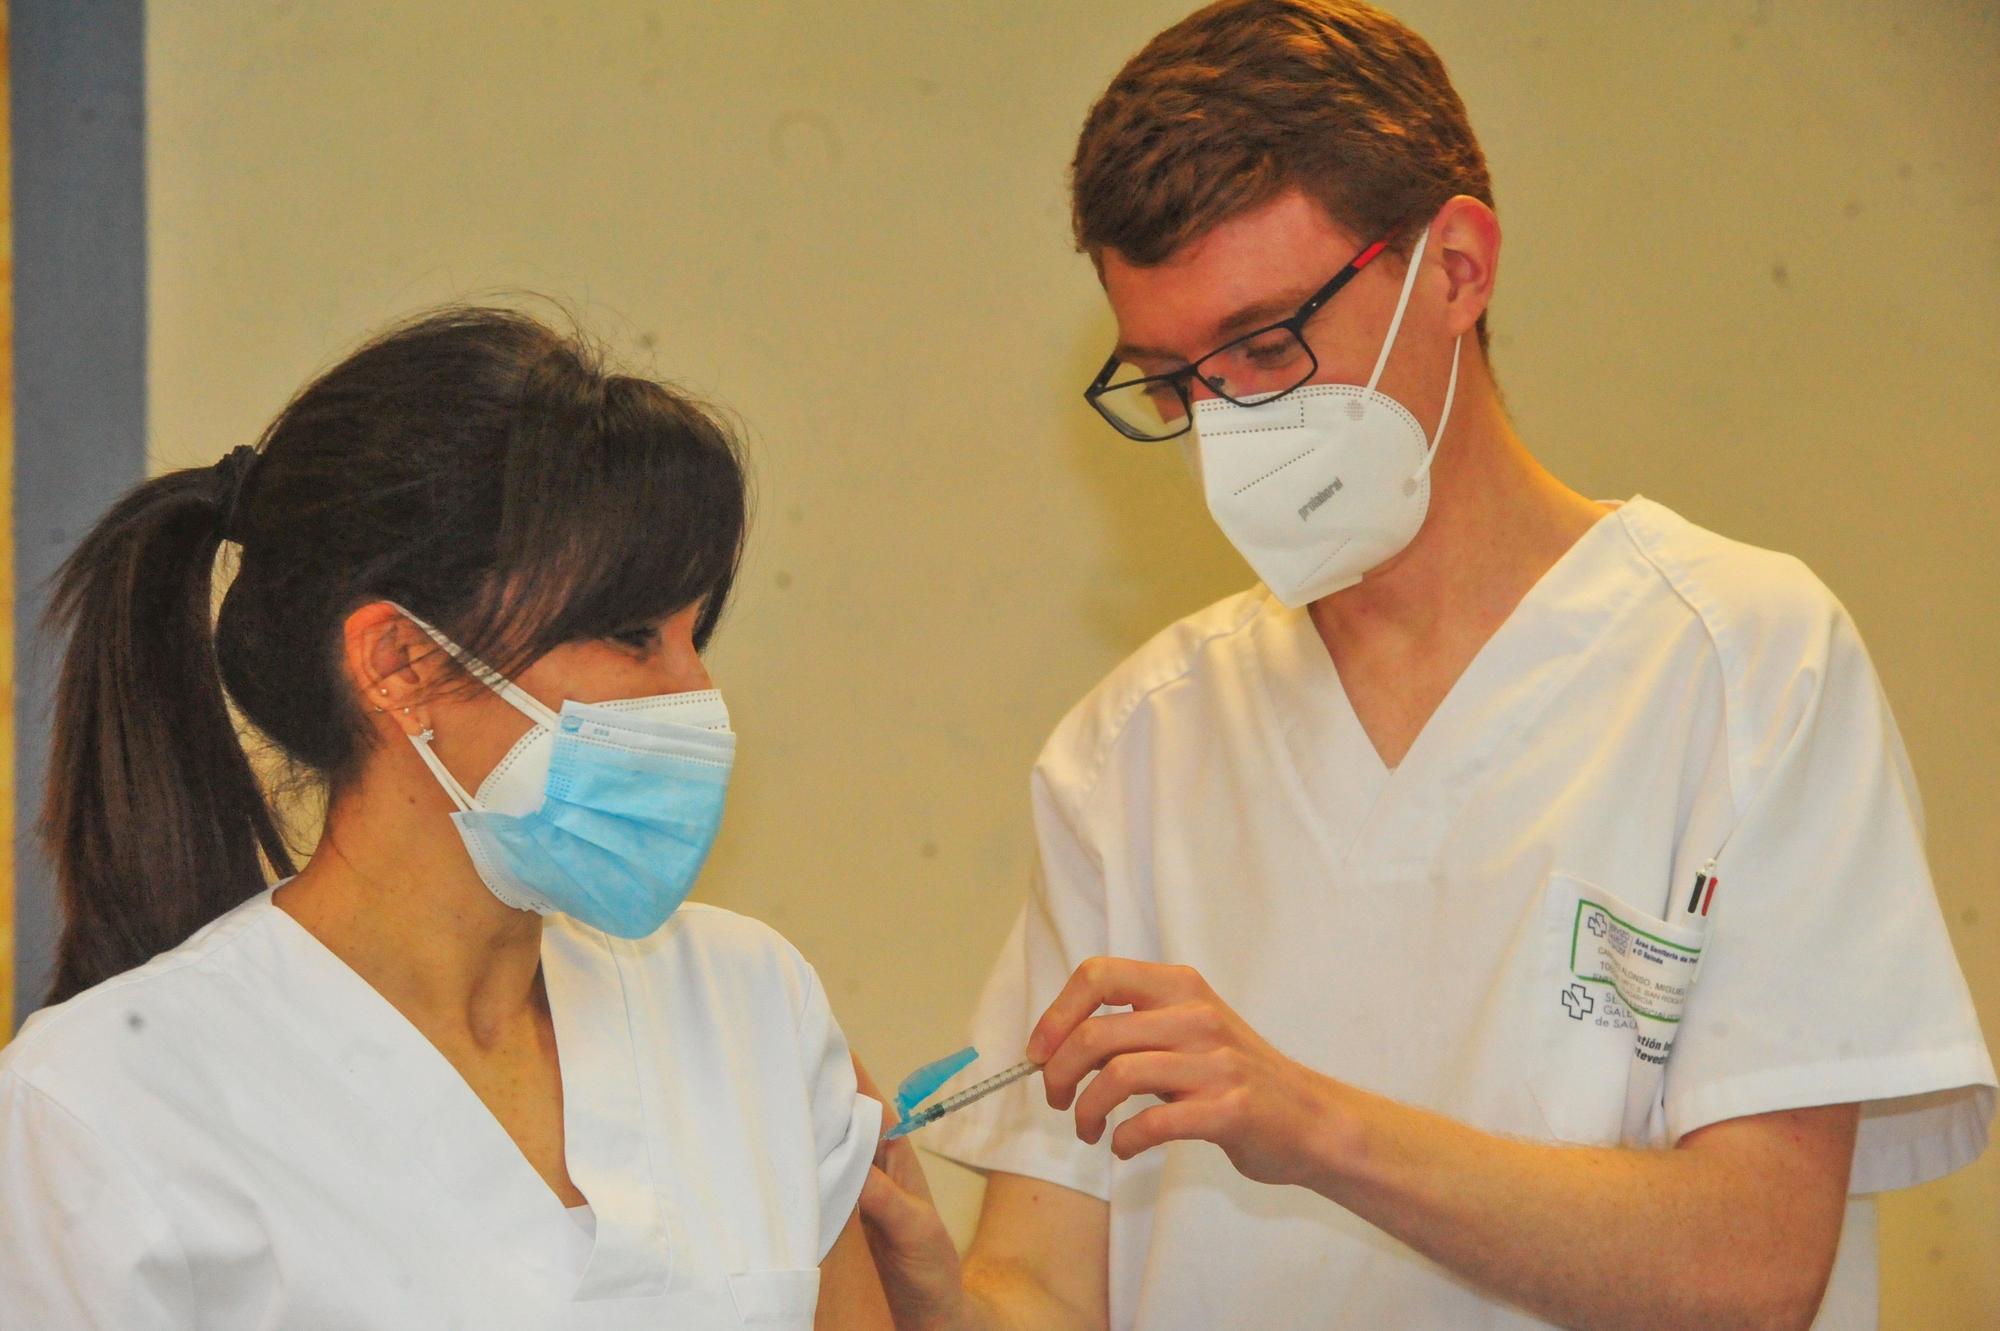 El personal del centro de salud de Vilagarcía recibe la segunda dosis de la vacuna contra el COVID